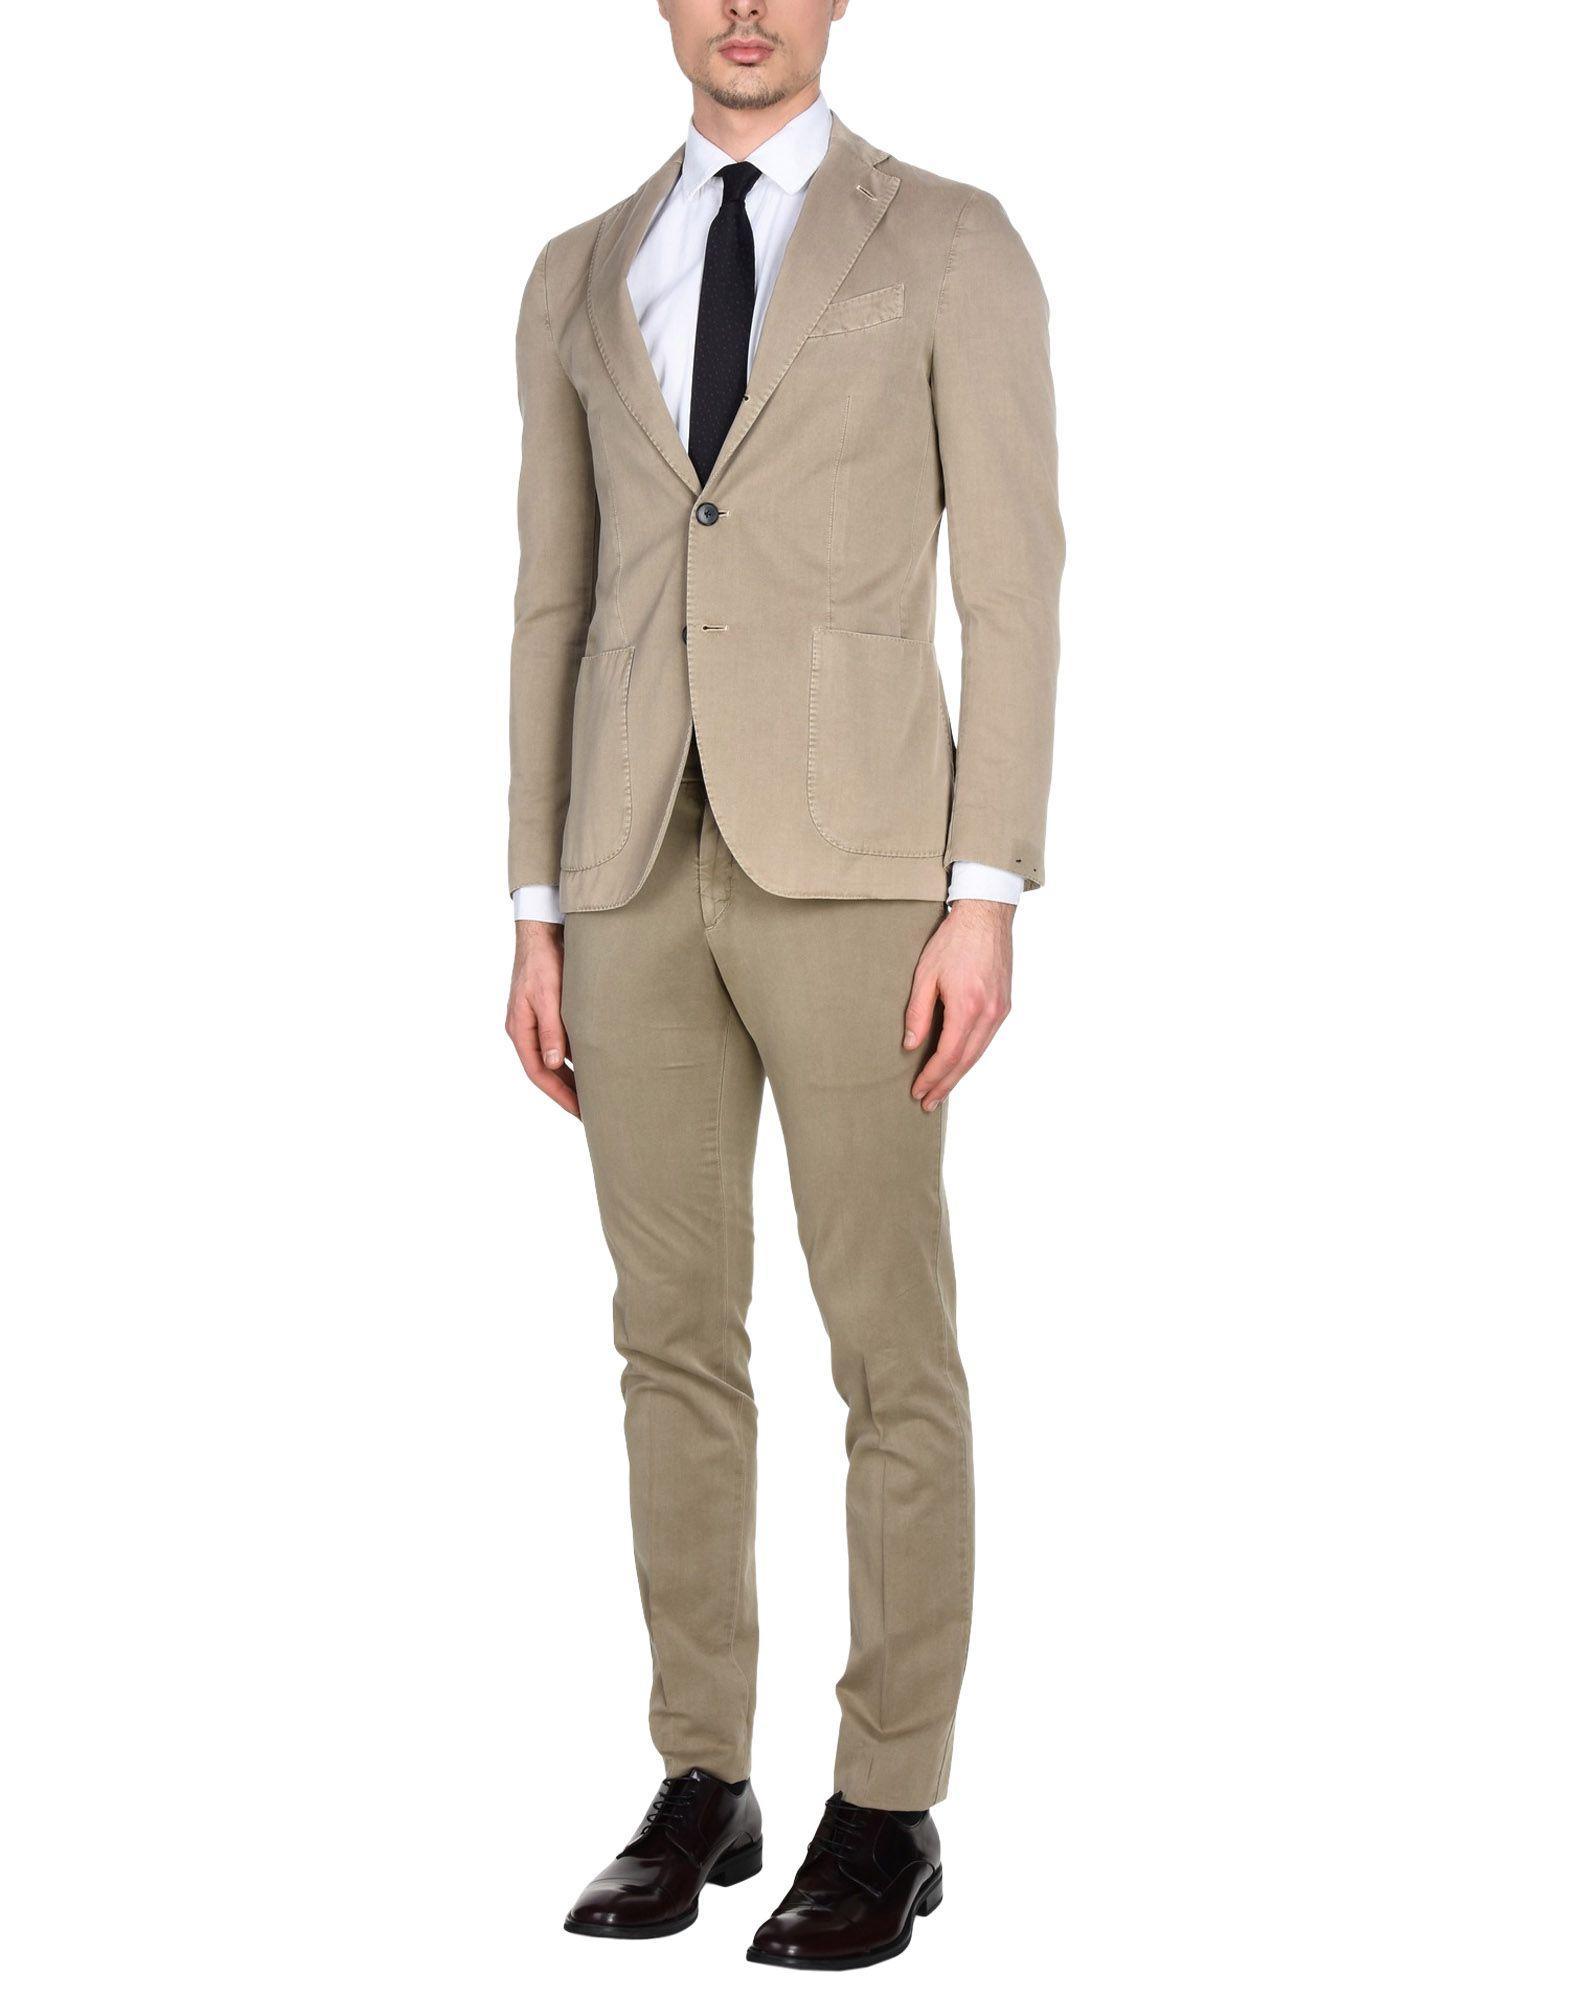 Lardini Suits In Beige